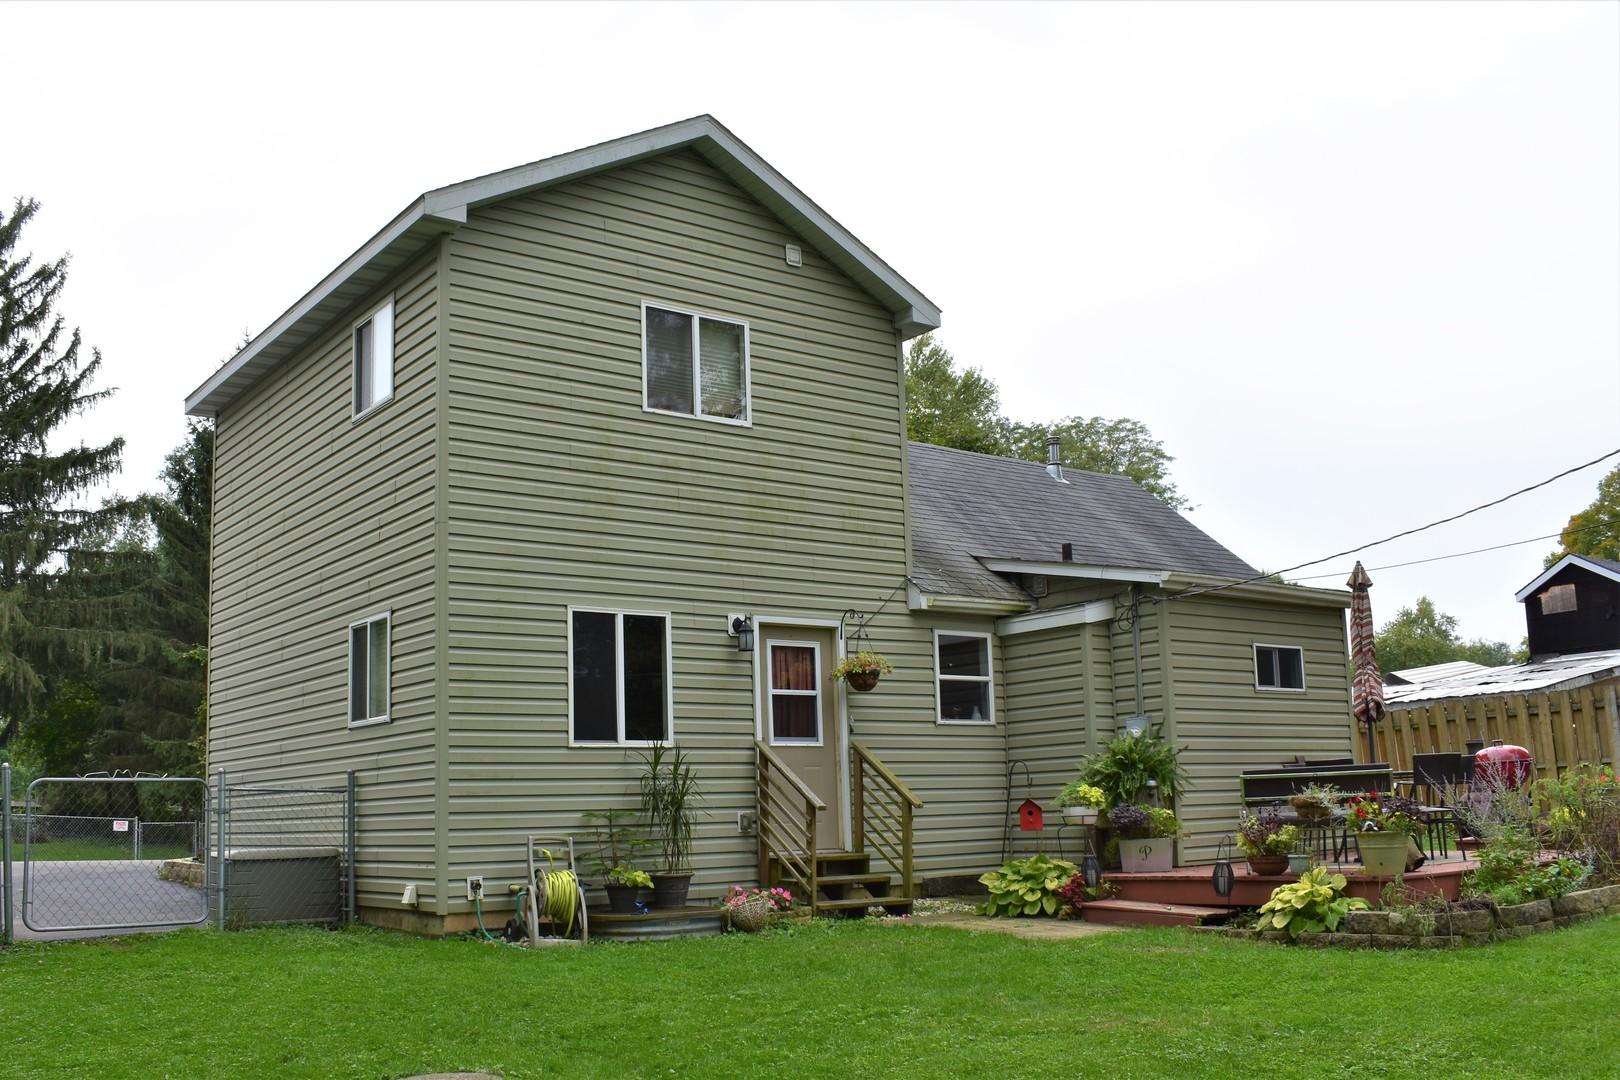 7426 Chippewa, Wonder Lake, Illinois, 60097